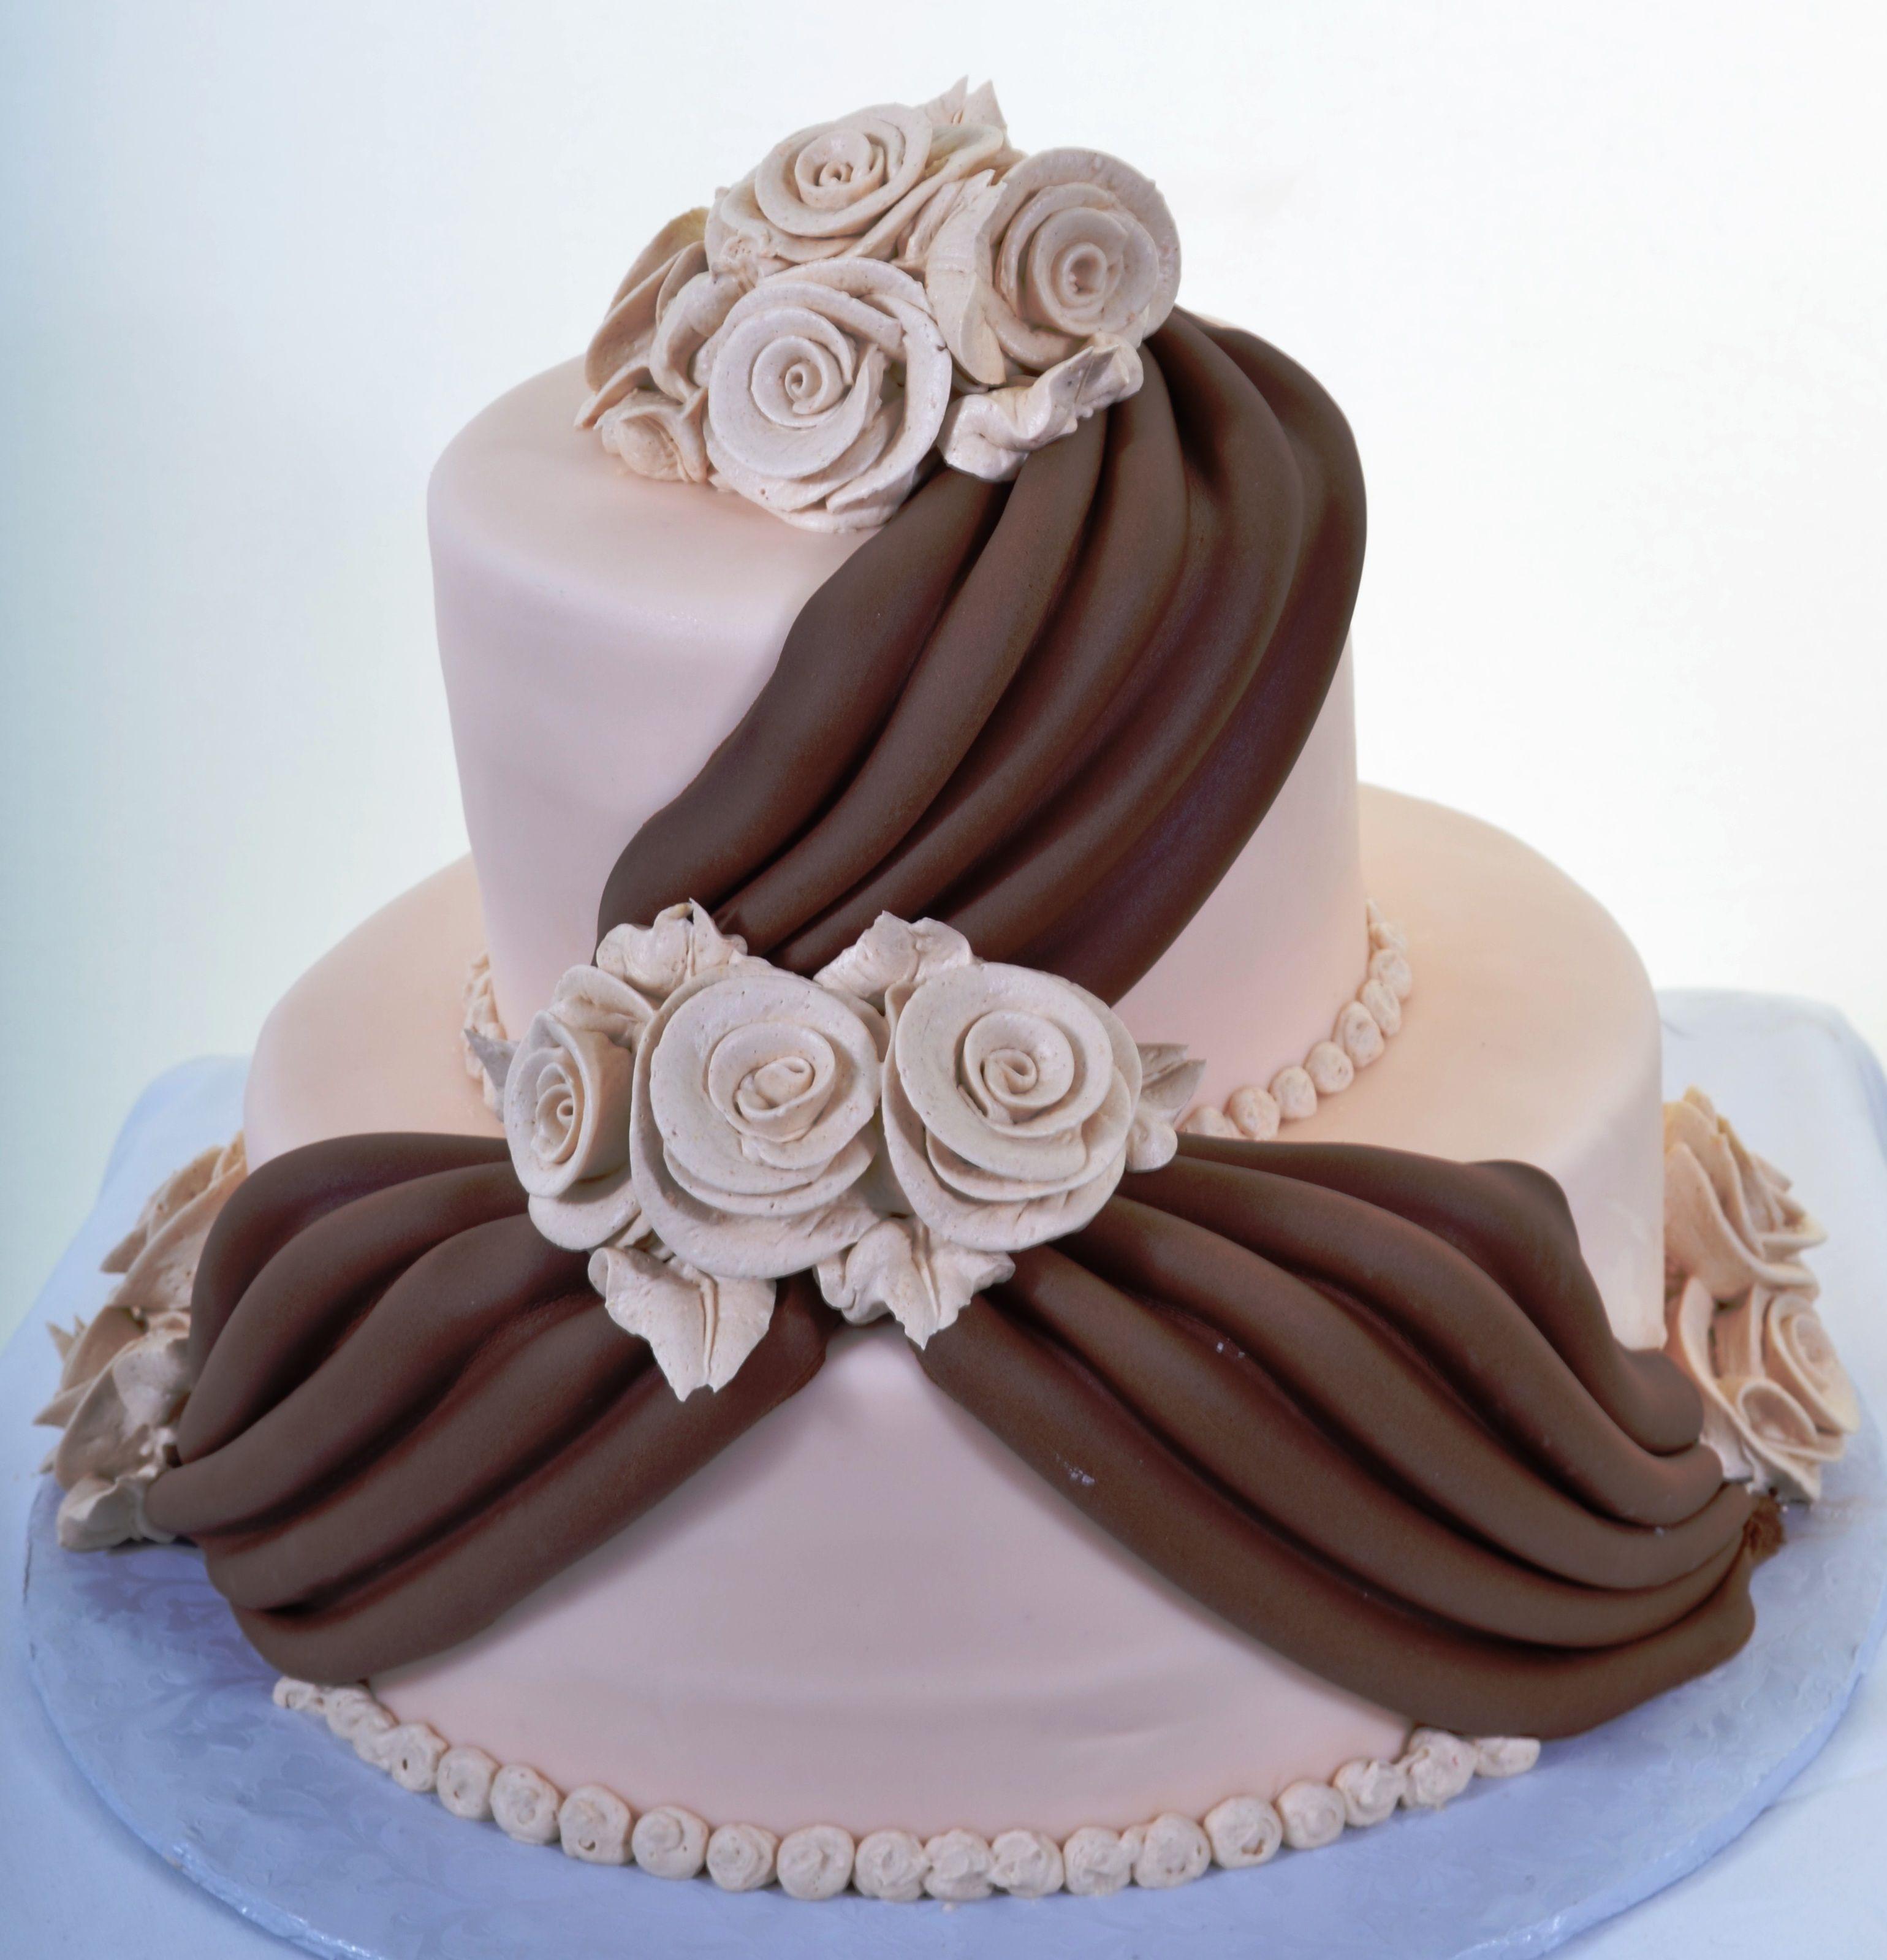 Pastry Palace Las Vegas Wedding Cake 921 Chocolate